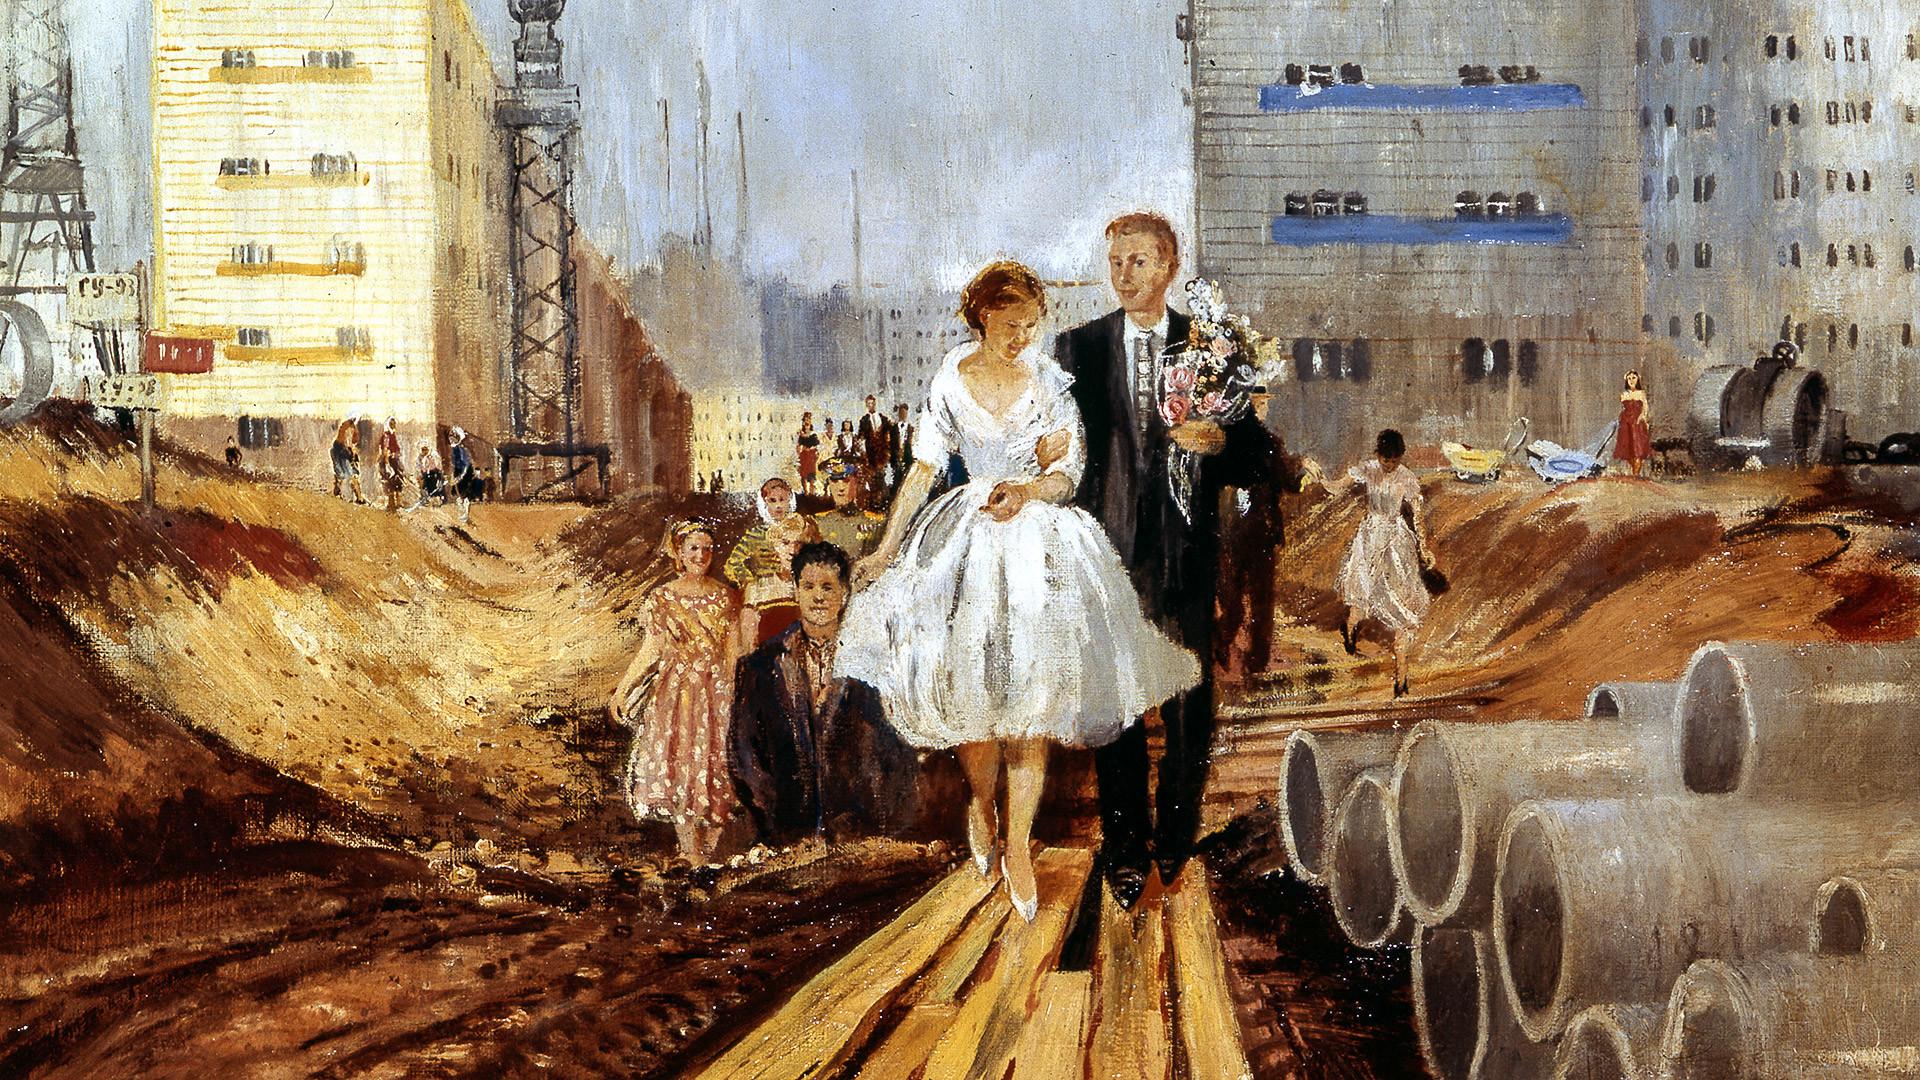 Юрий Пименов. Свадьба на завтрашней улице, 1962. Репродукция